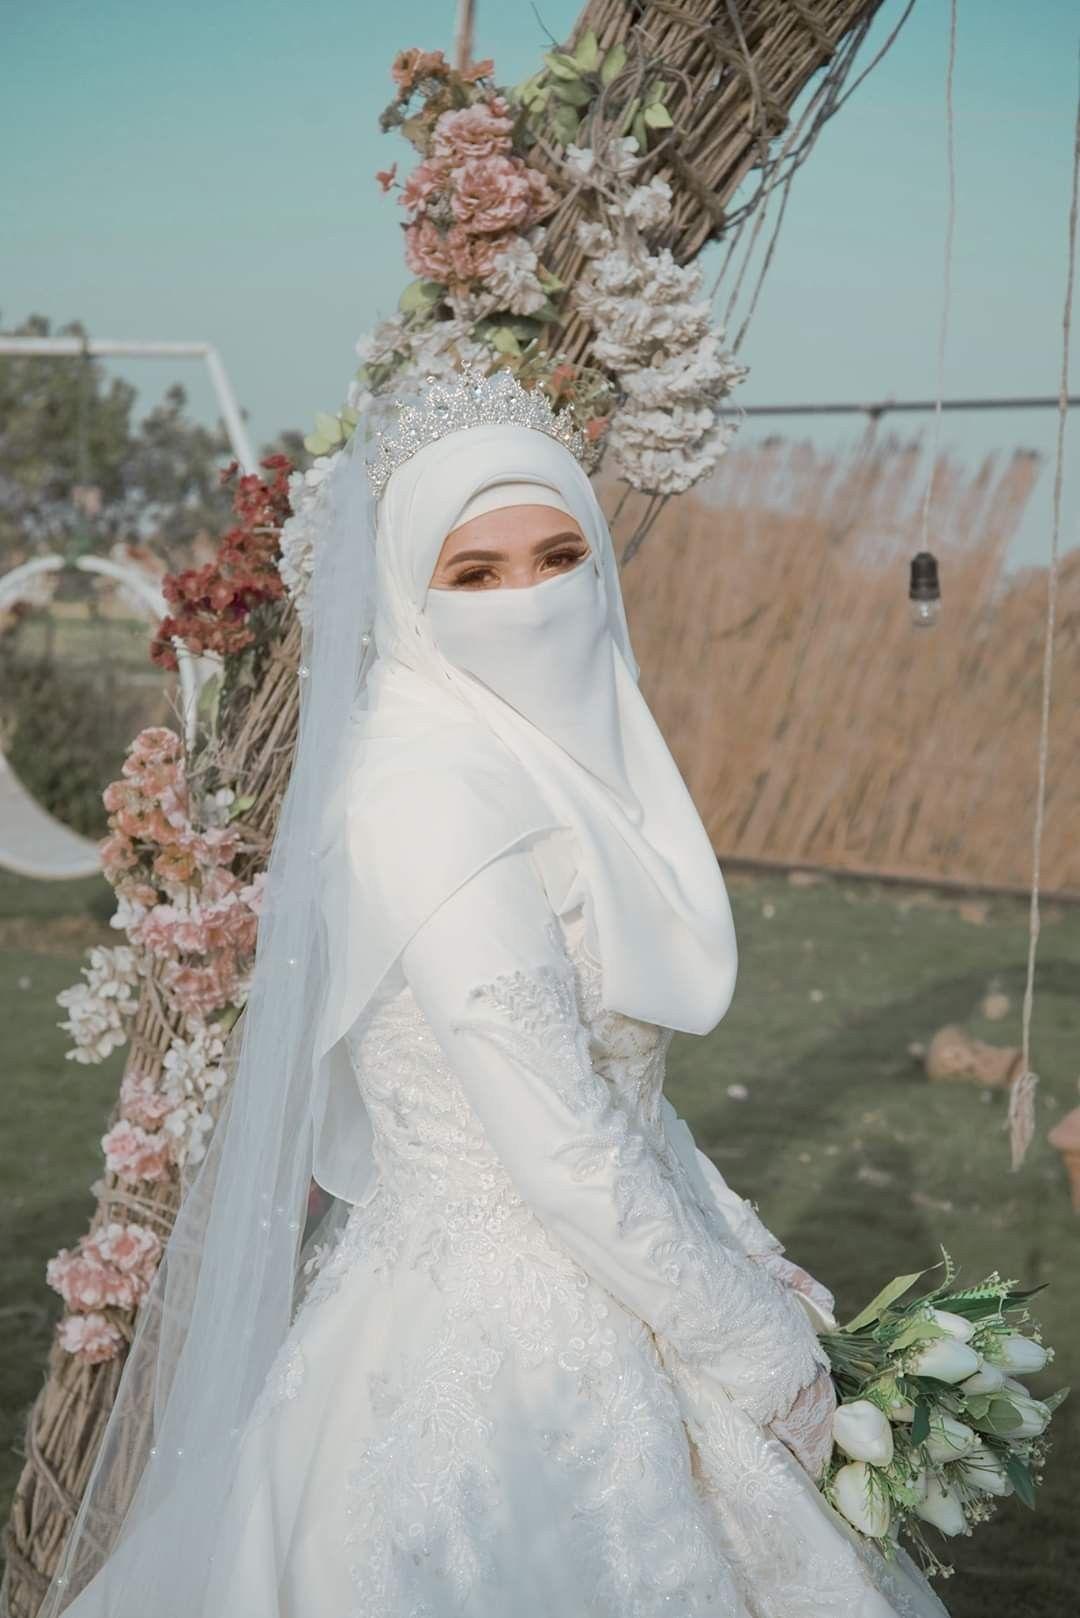 Pin oleh Aram Moradi di marriage di 10  Gaun perkawinan, Baju